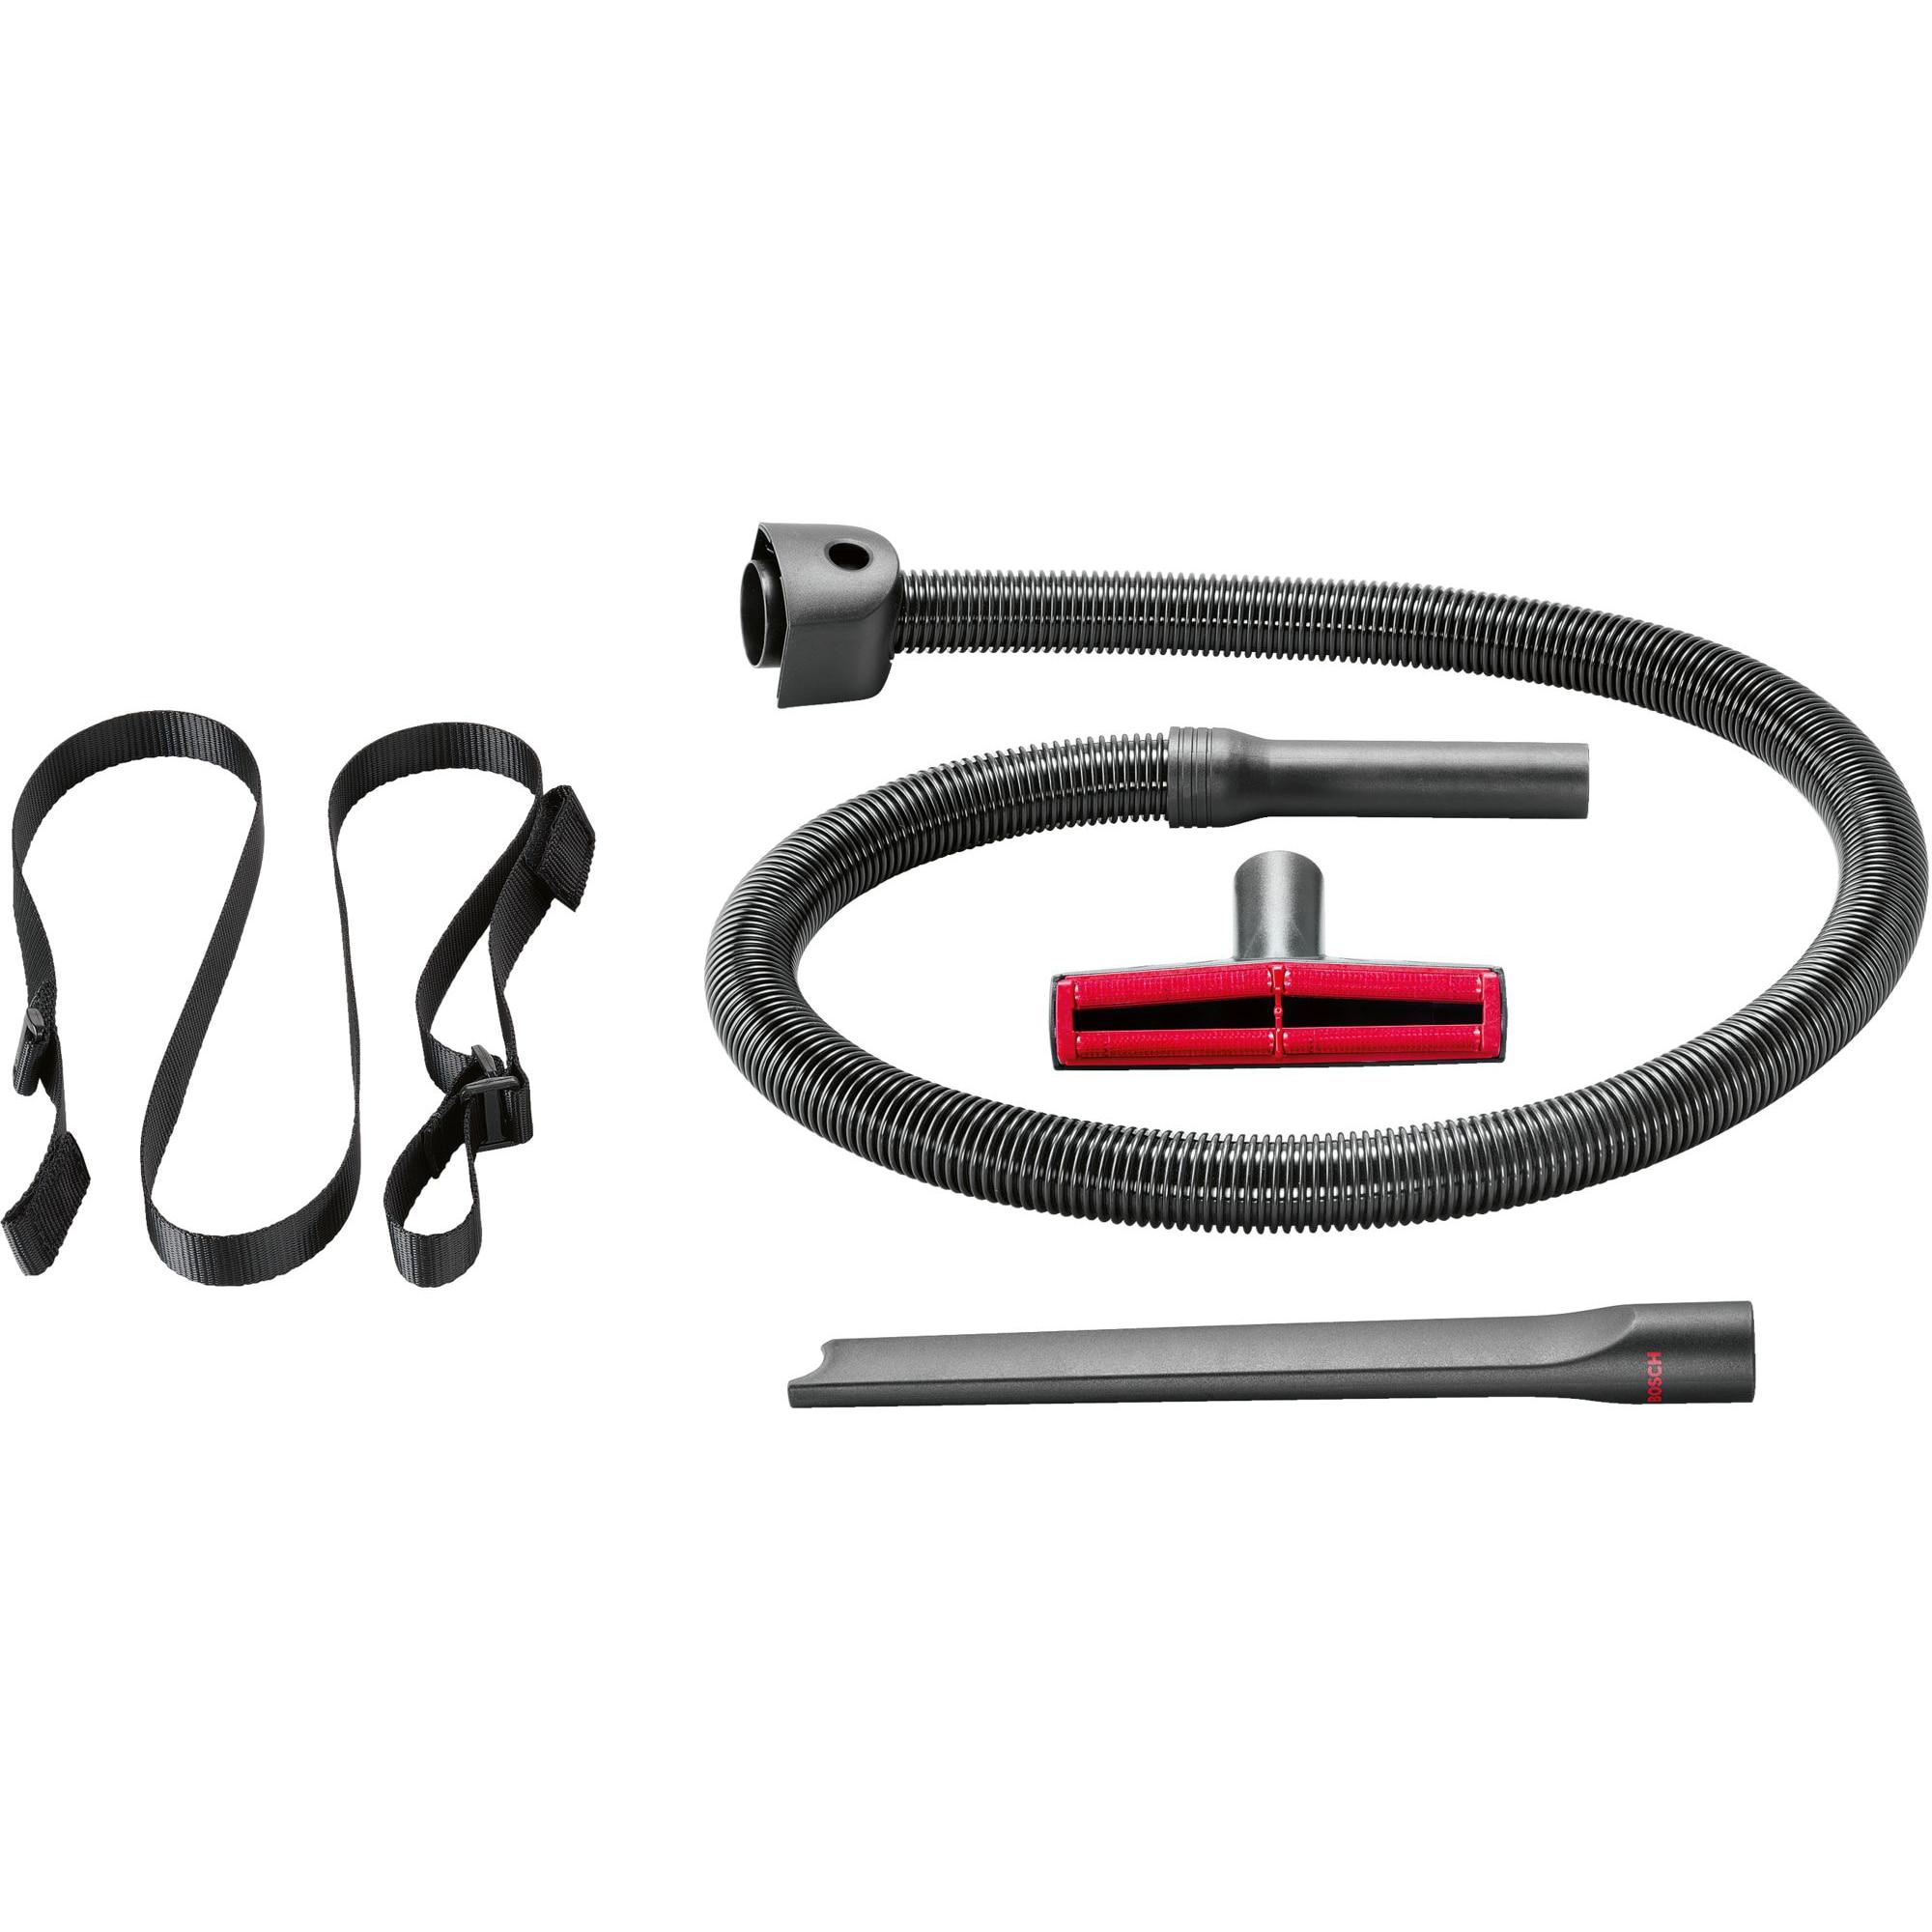 Fotografie Set accesorii Bosch BHZKIT1, compatibil cu gama de aspiratoare stick Athlet